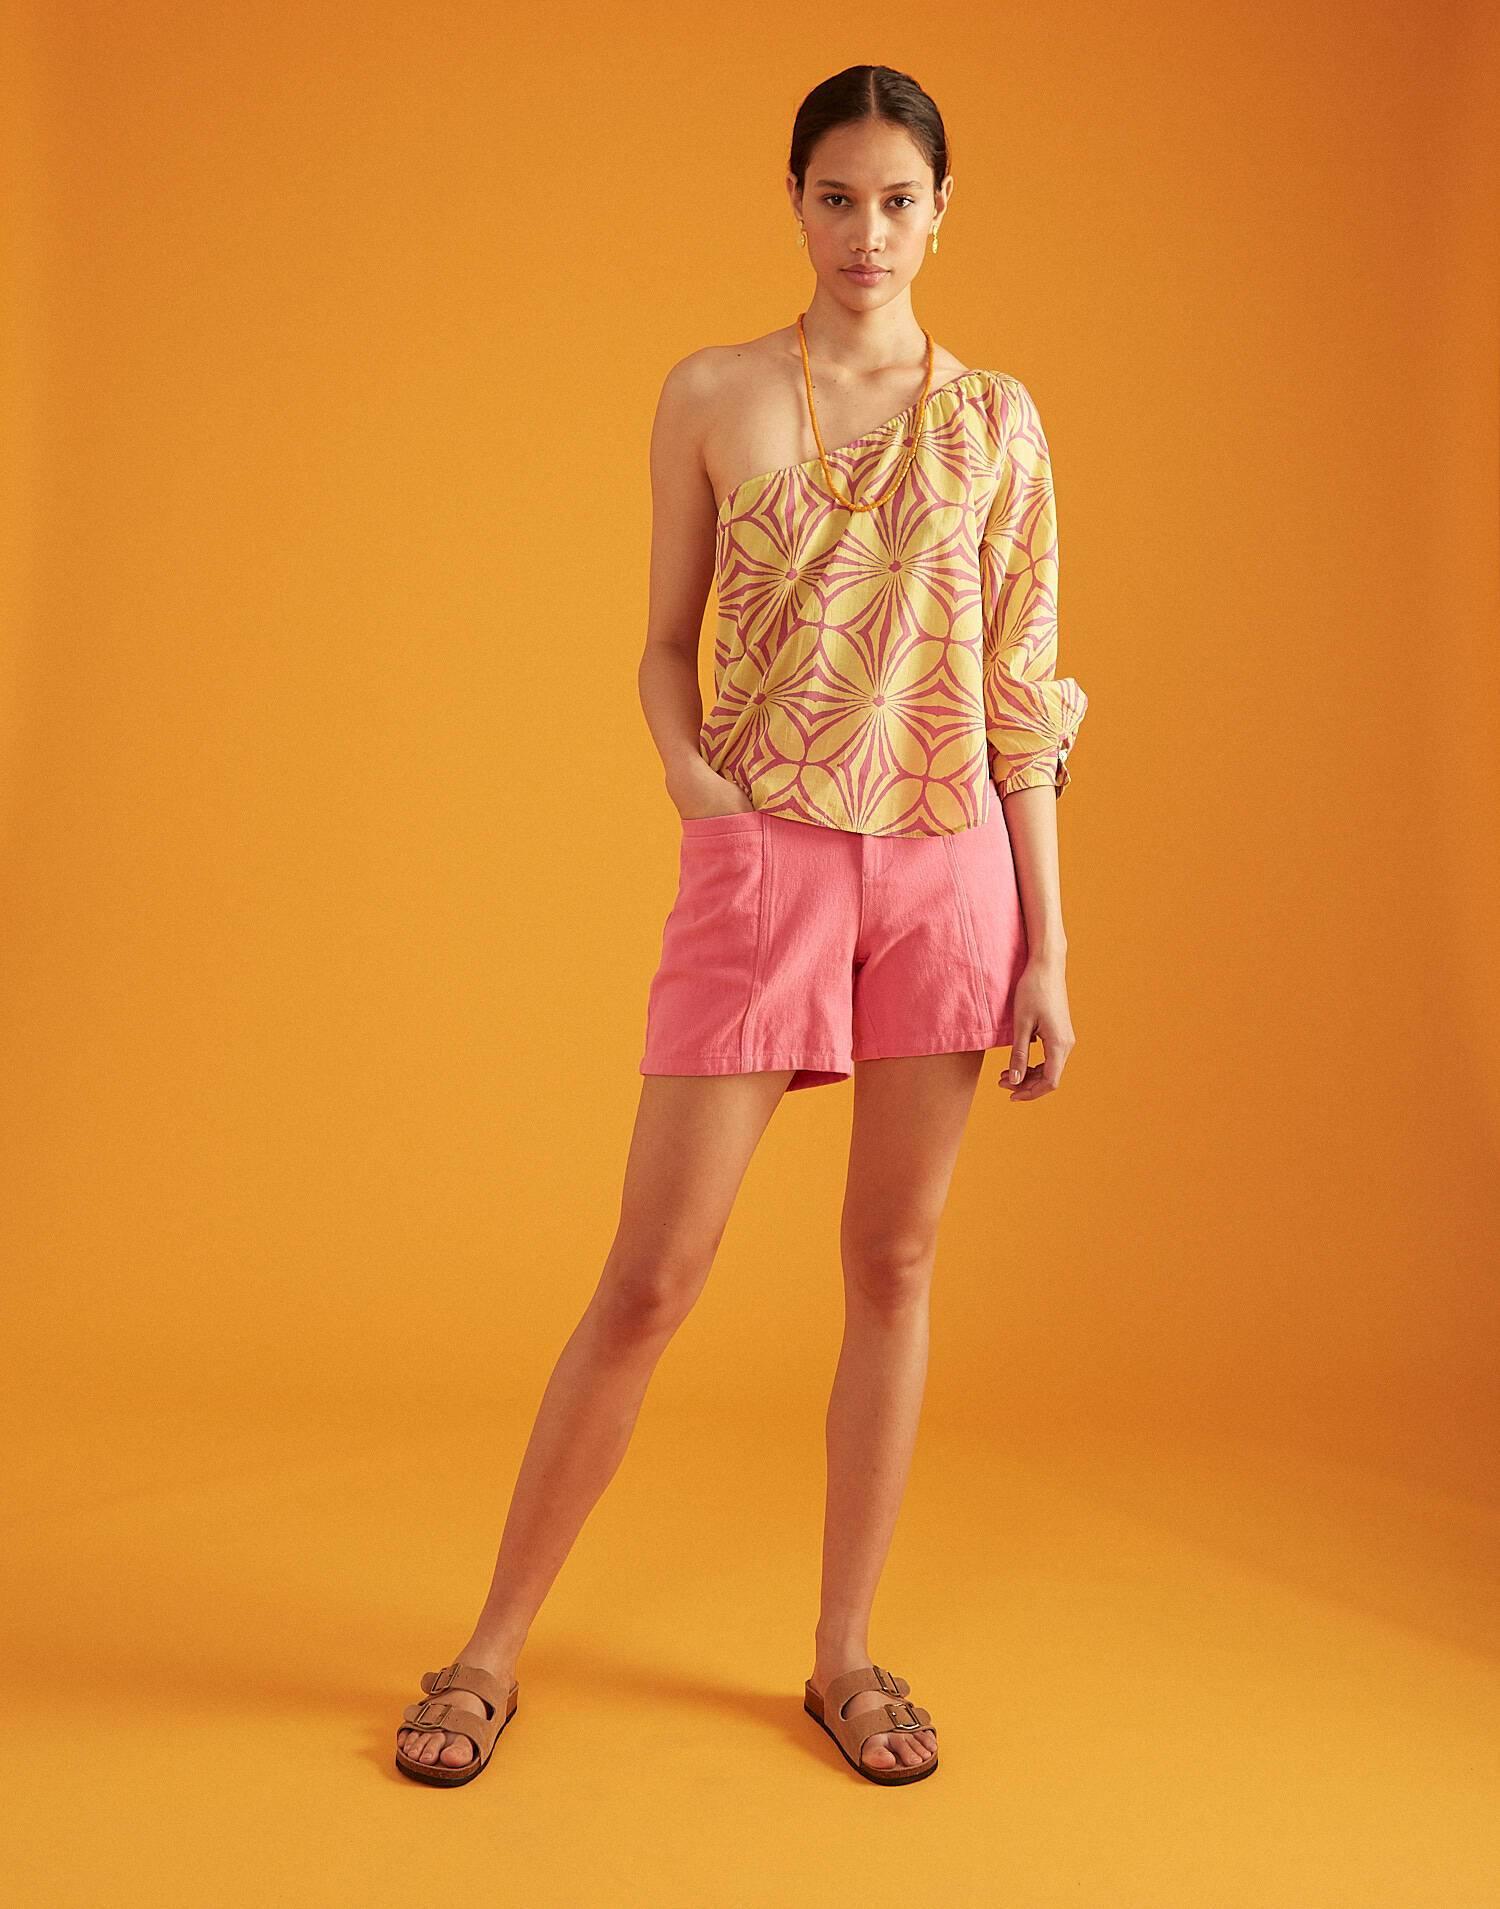 Segeltuch-shorts pink